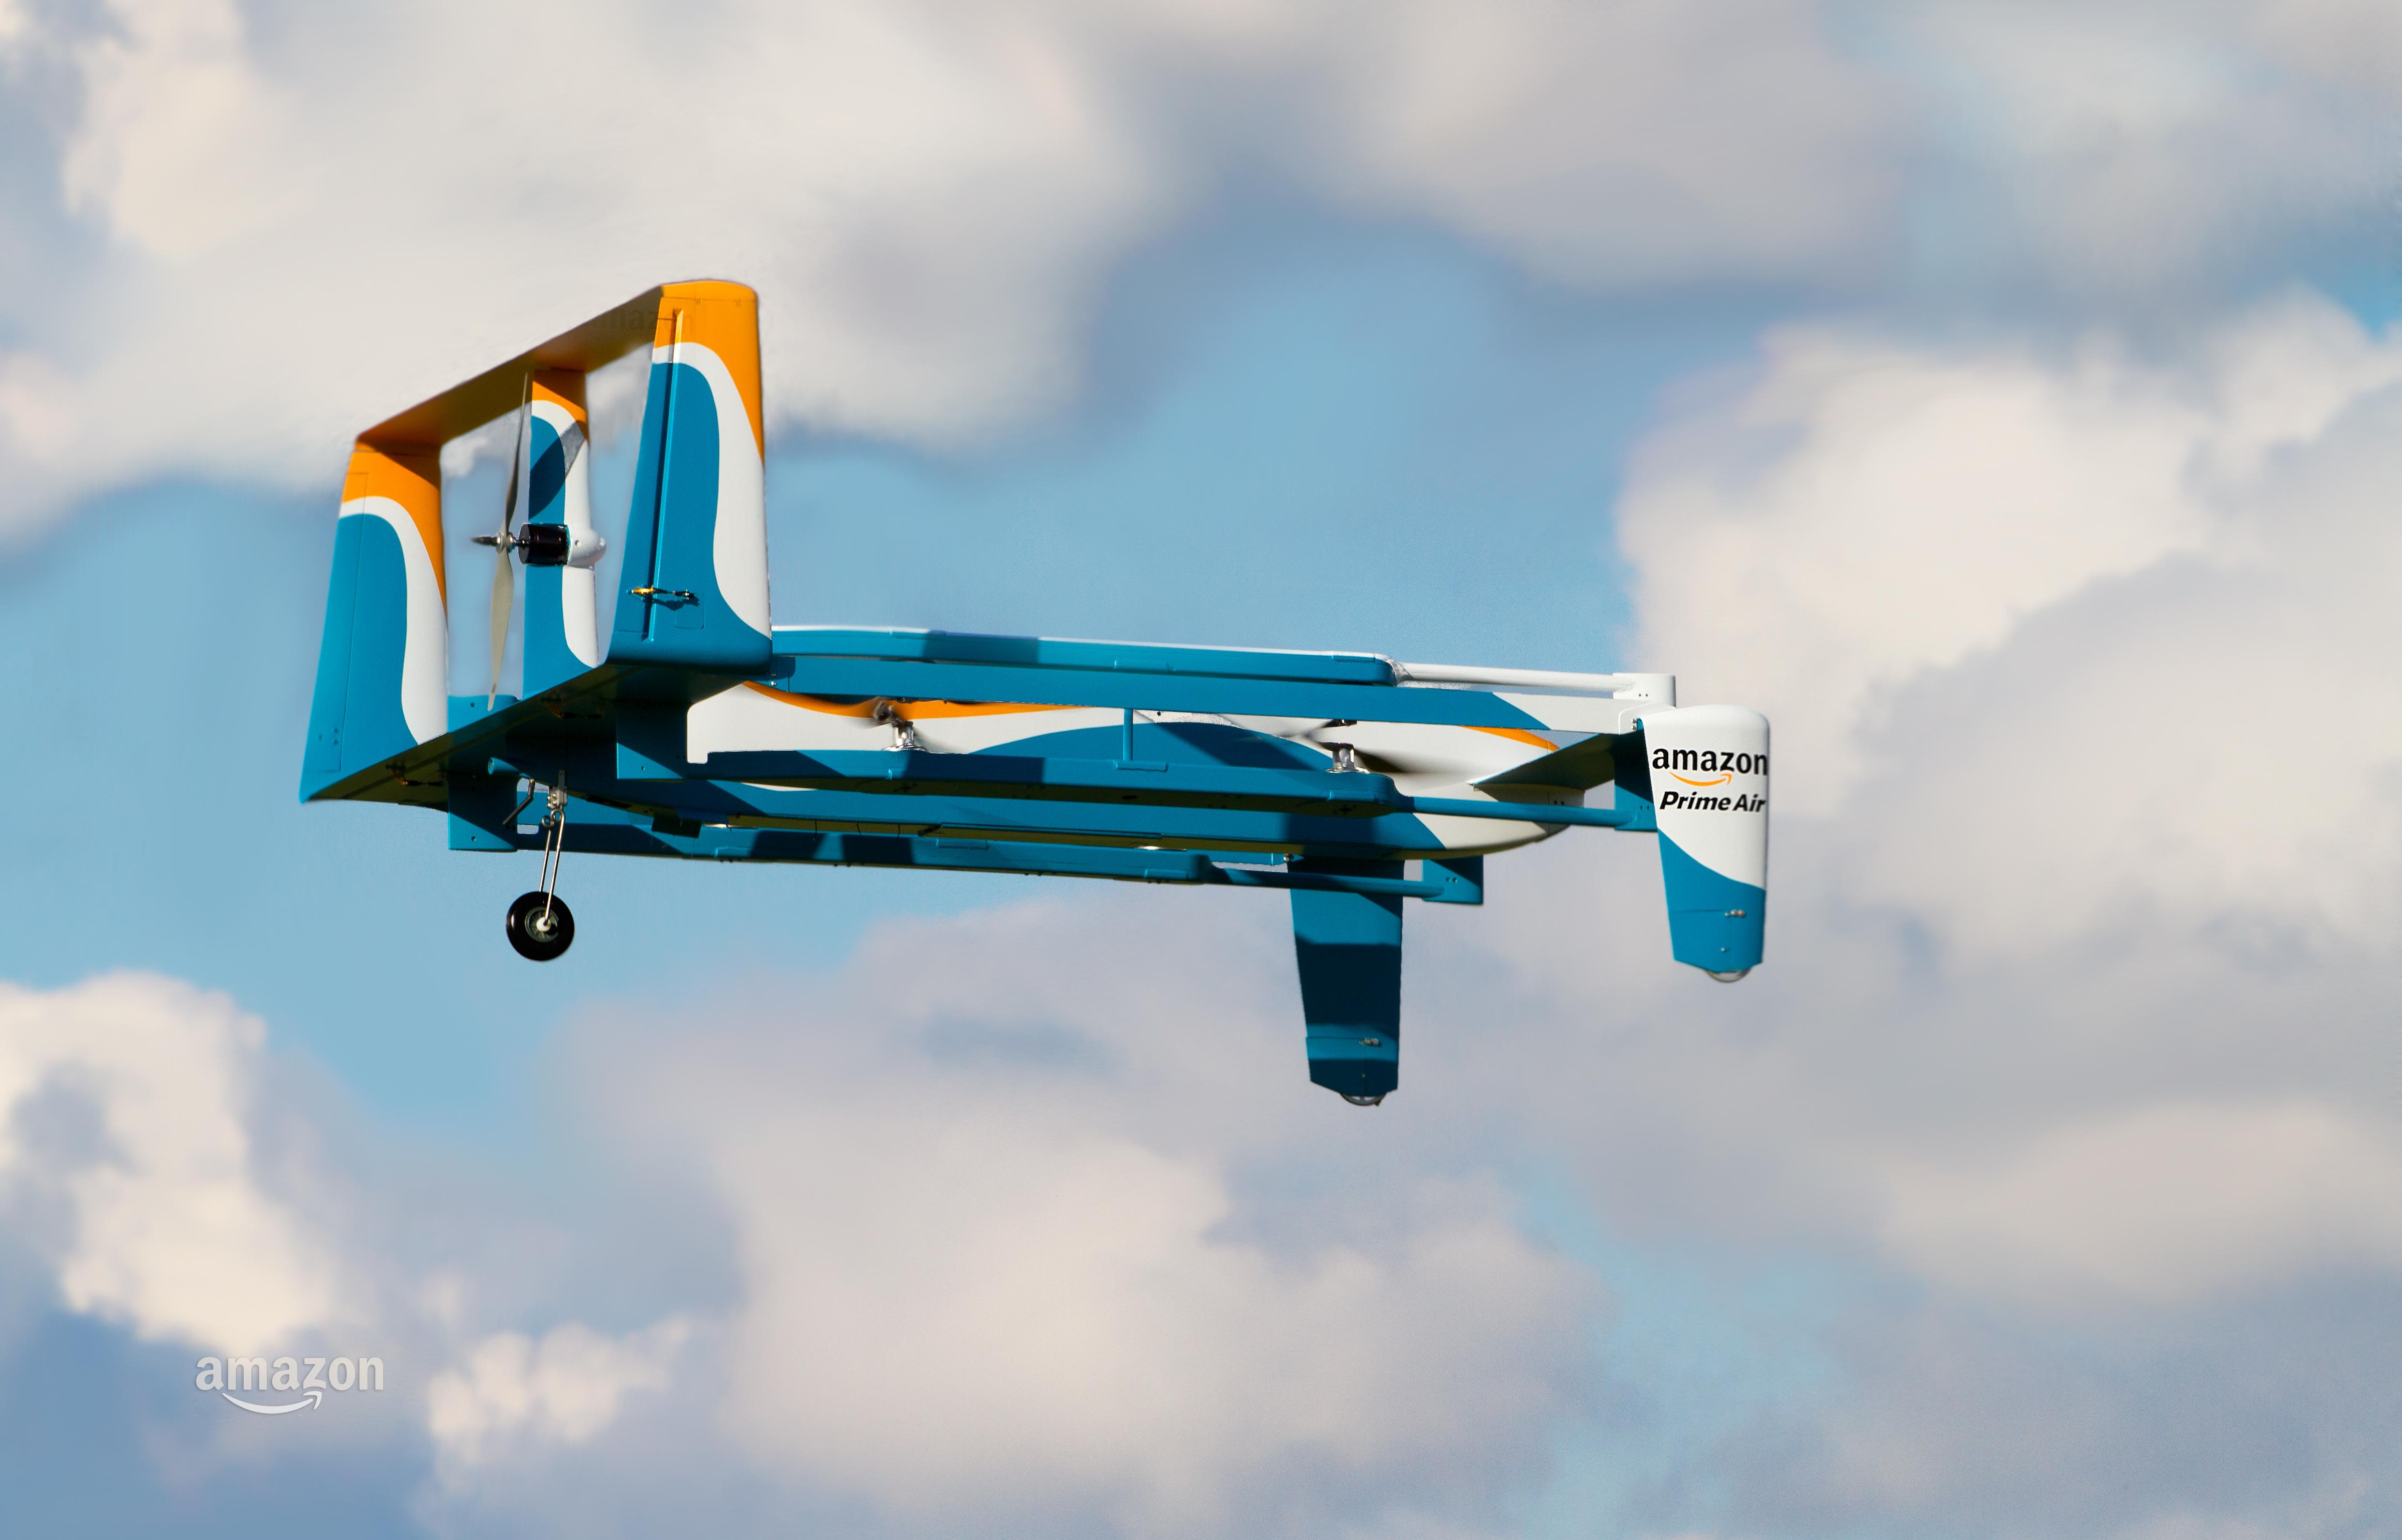 Amazon hybrid